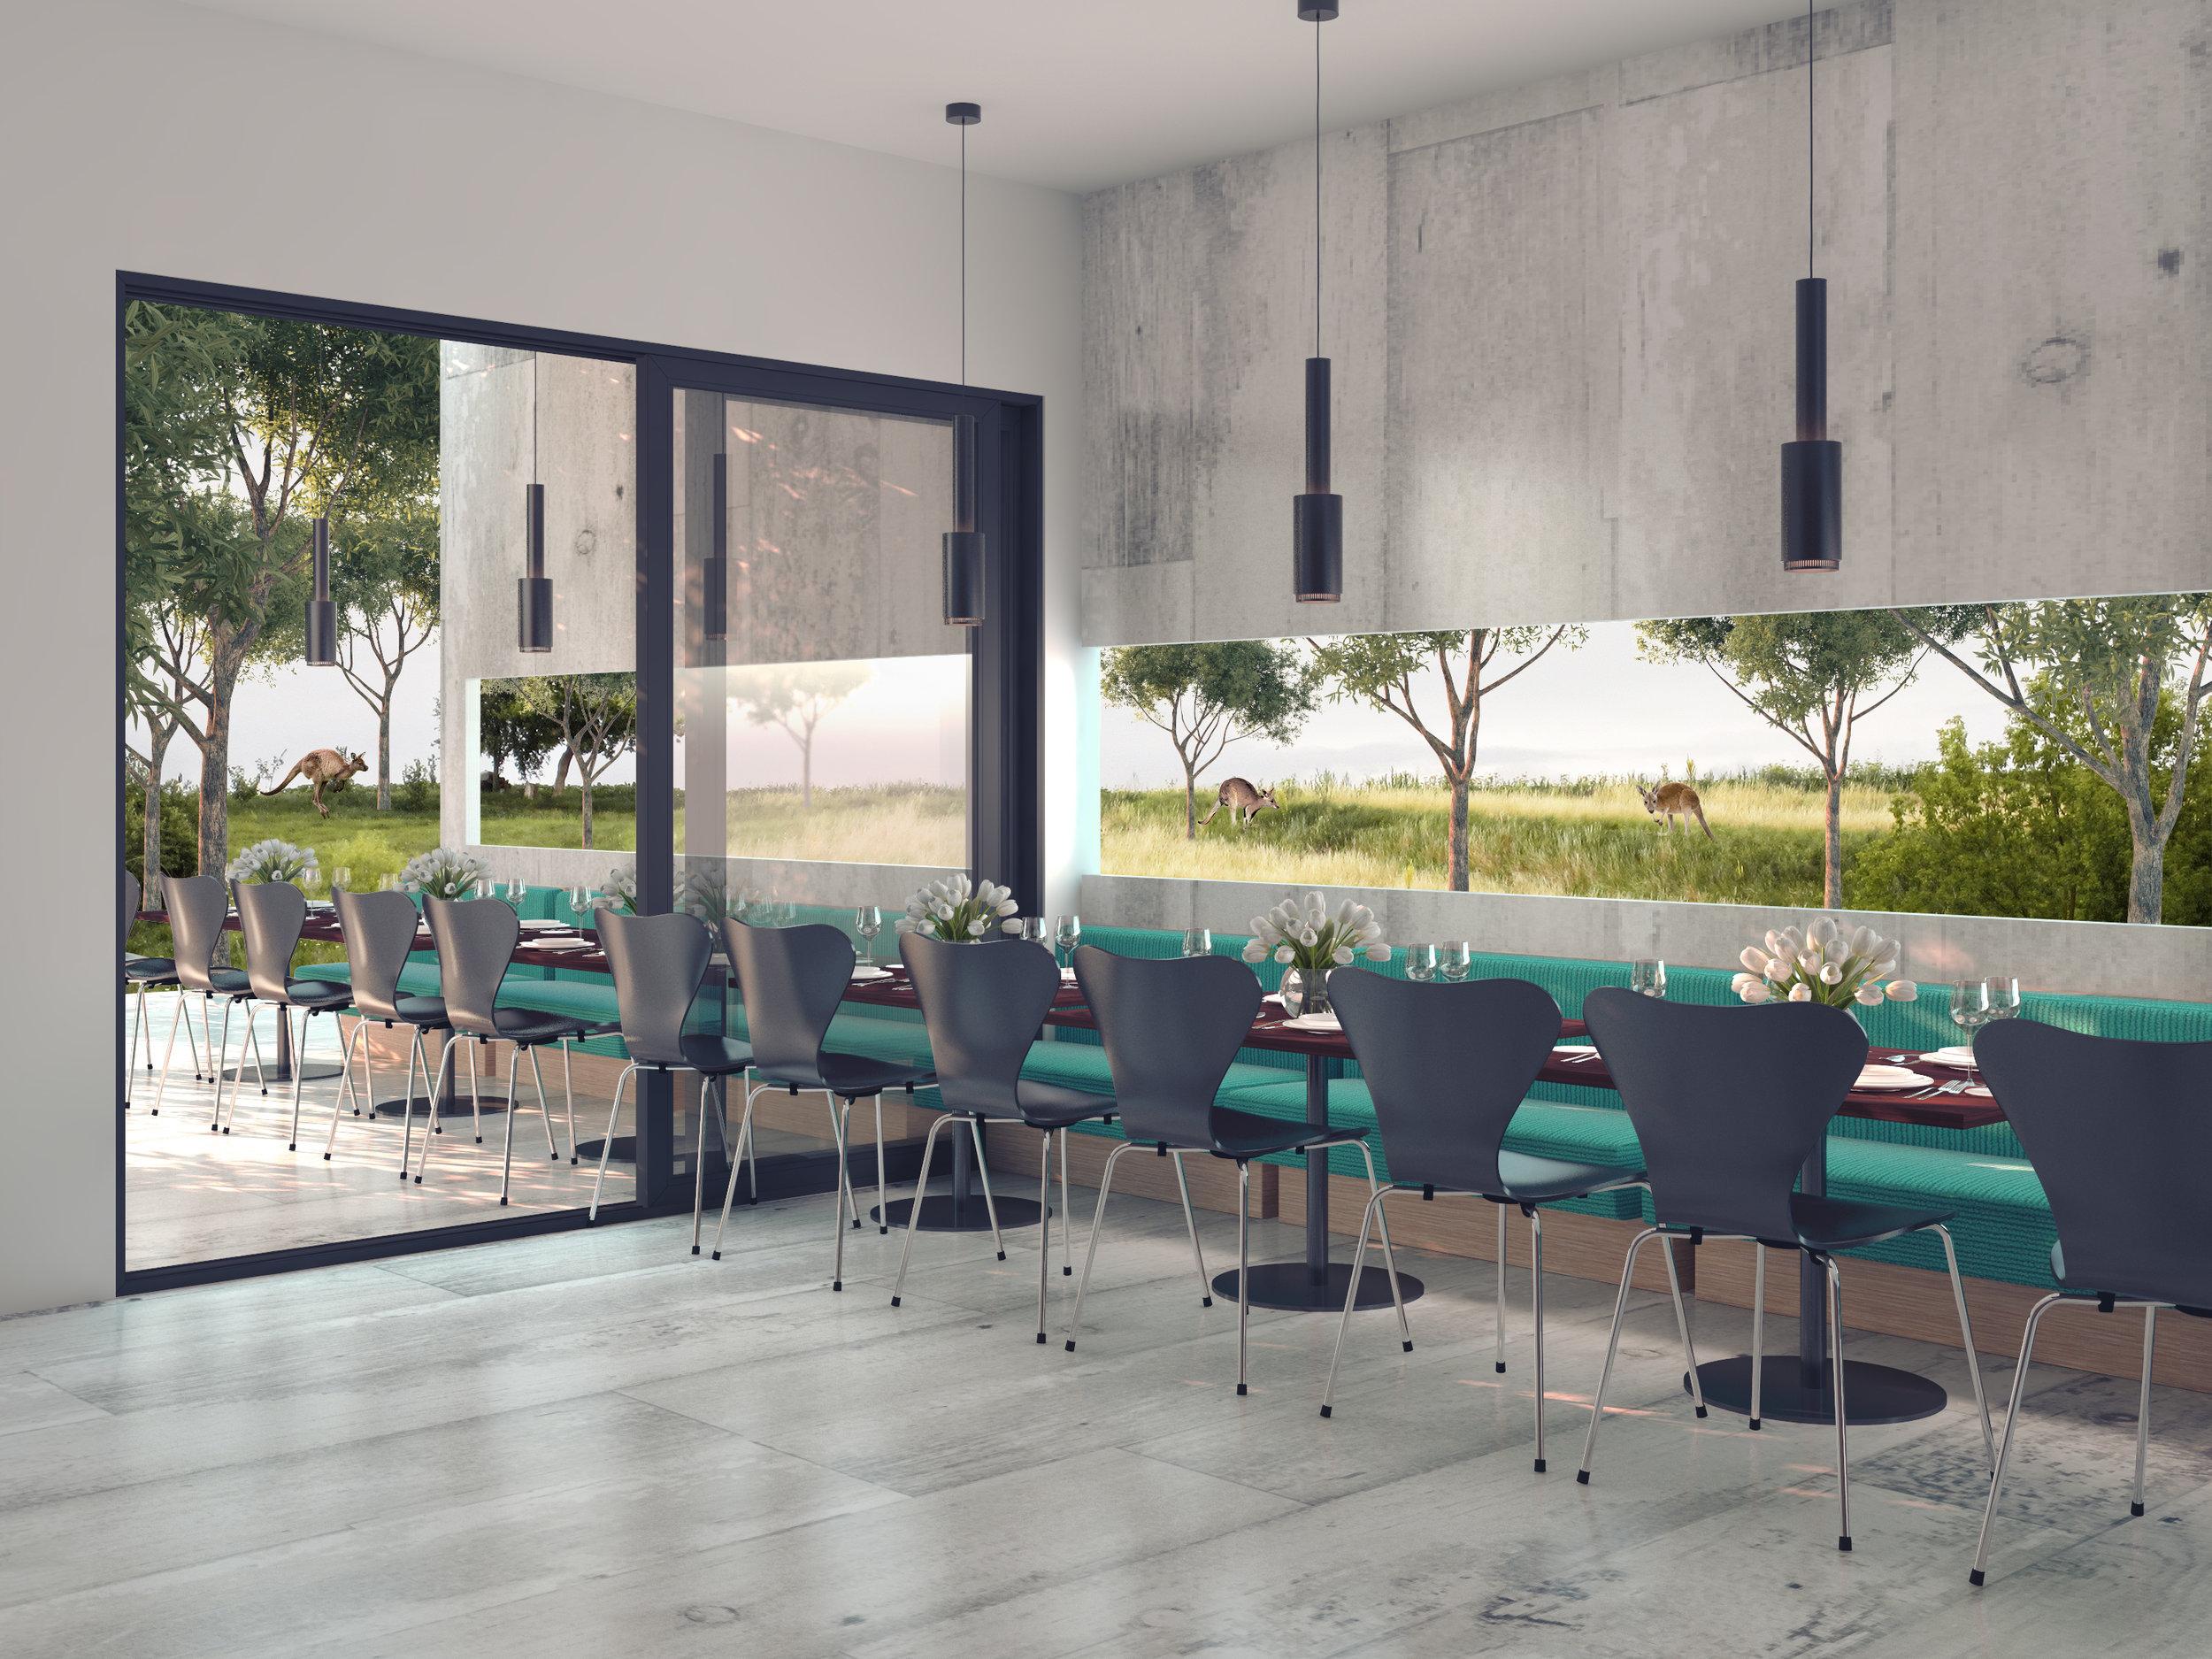 interior_restaurant-view2_hd.jpg